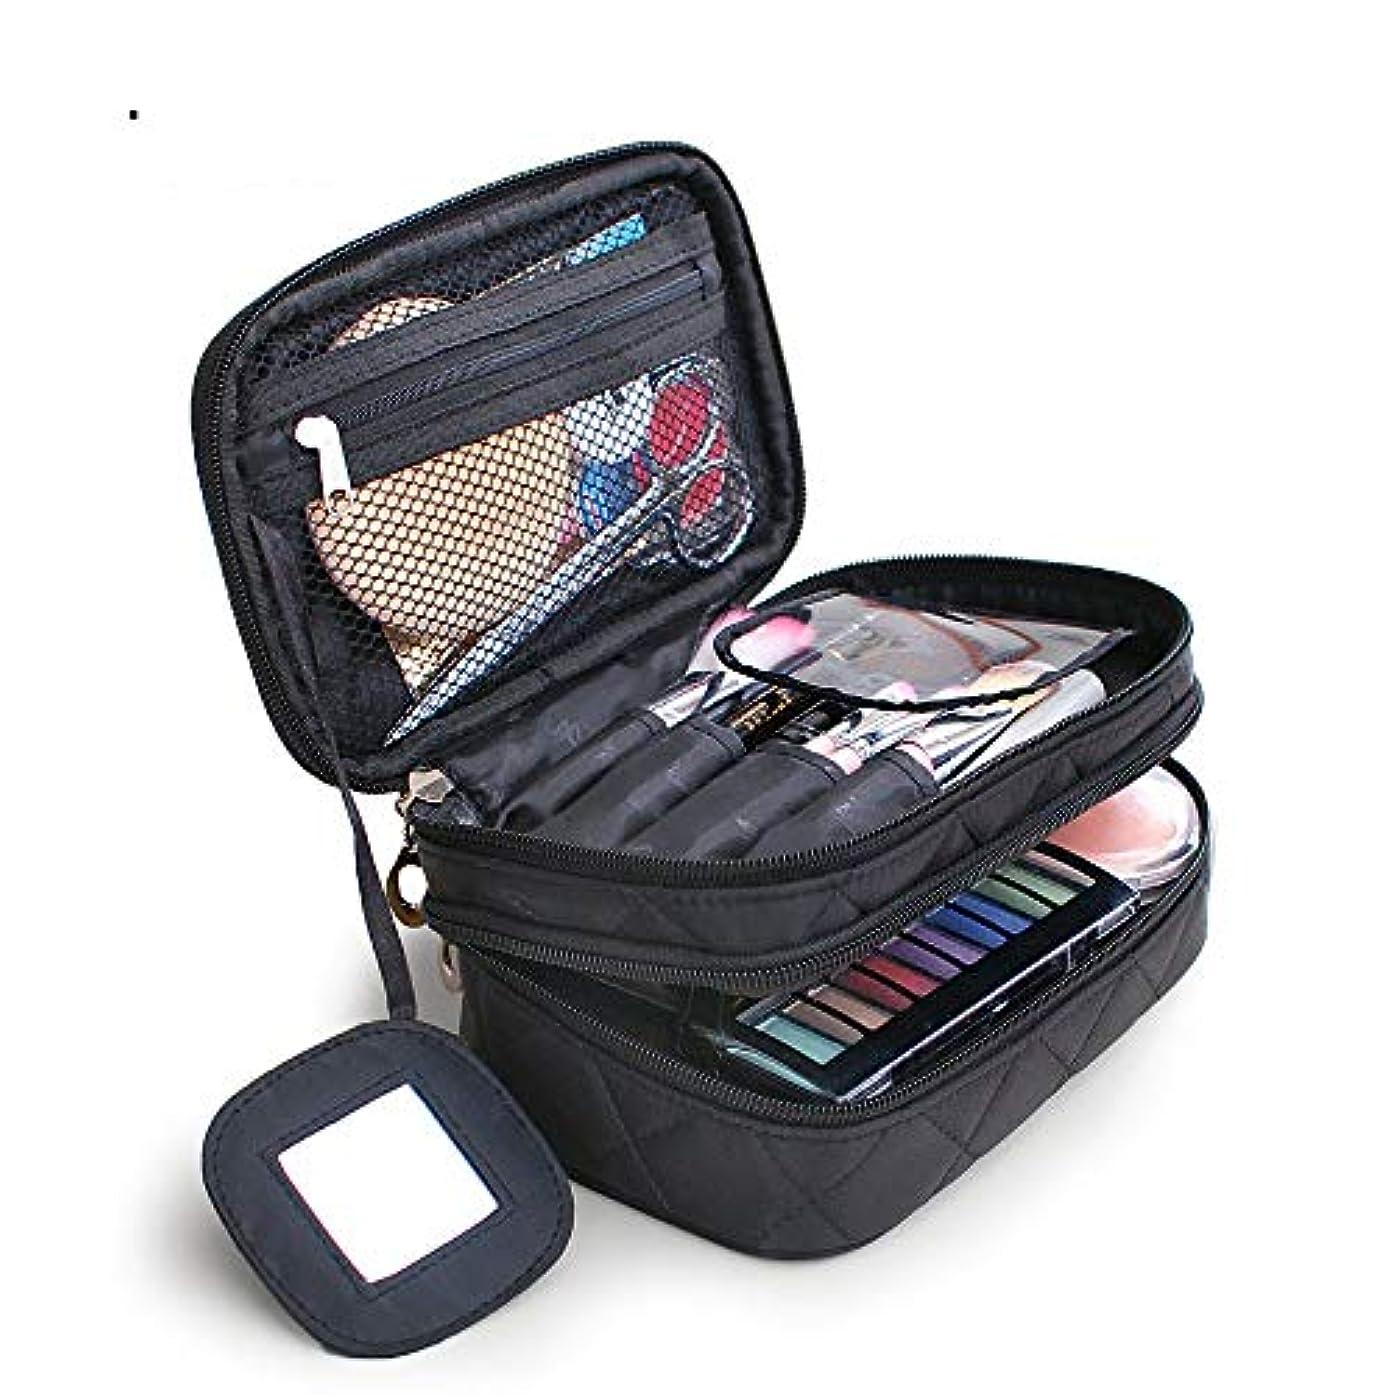 絶えずジョットディボンドン暴露する特大スペース収納ビューティーボックス 旅行化粧化粧ケース、ポータブルブラシケース化粧品バッグ旅行セット収納袋化粧品バッグ、黒クラシック 化粧品化粧台